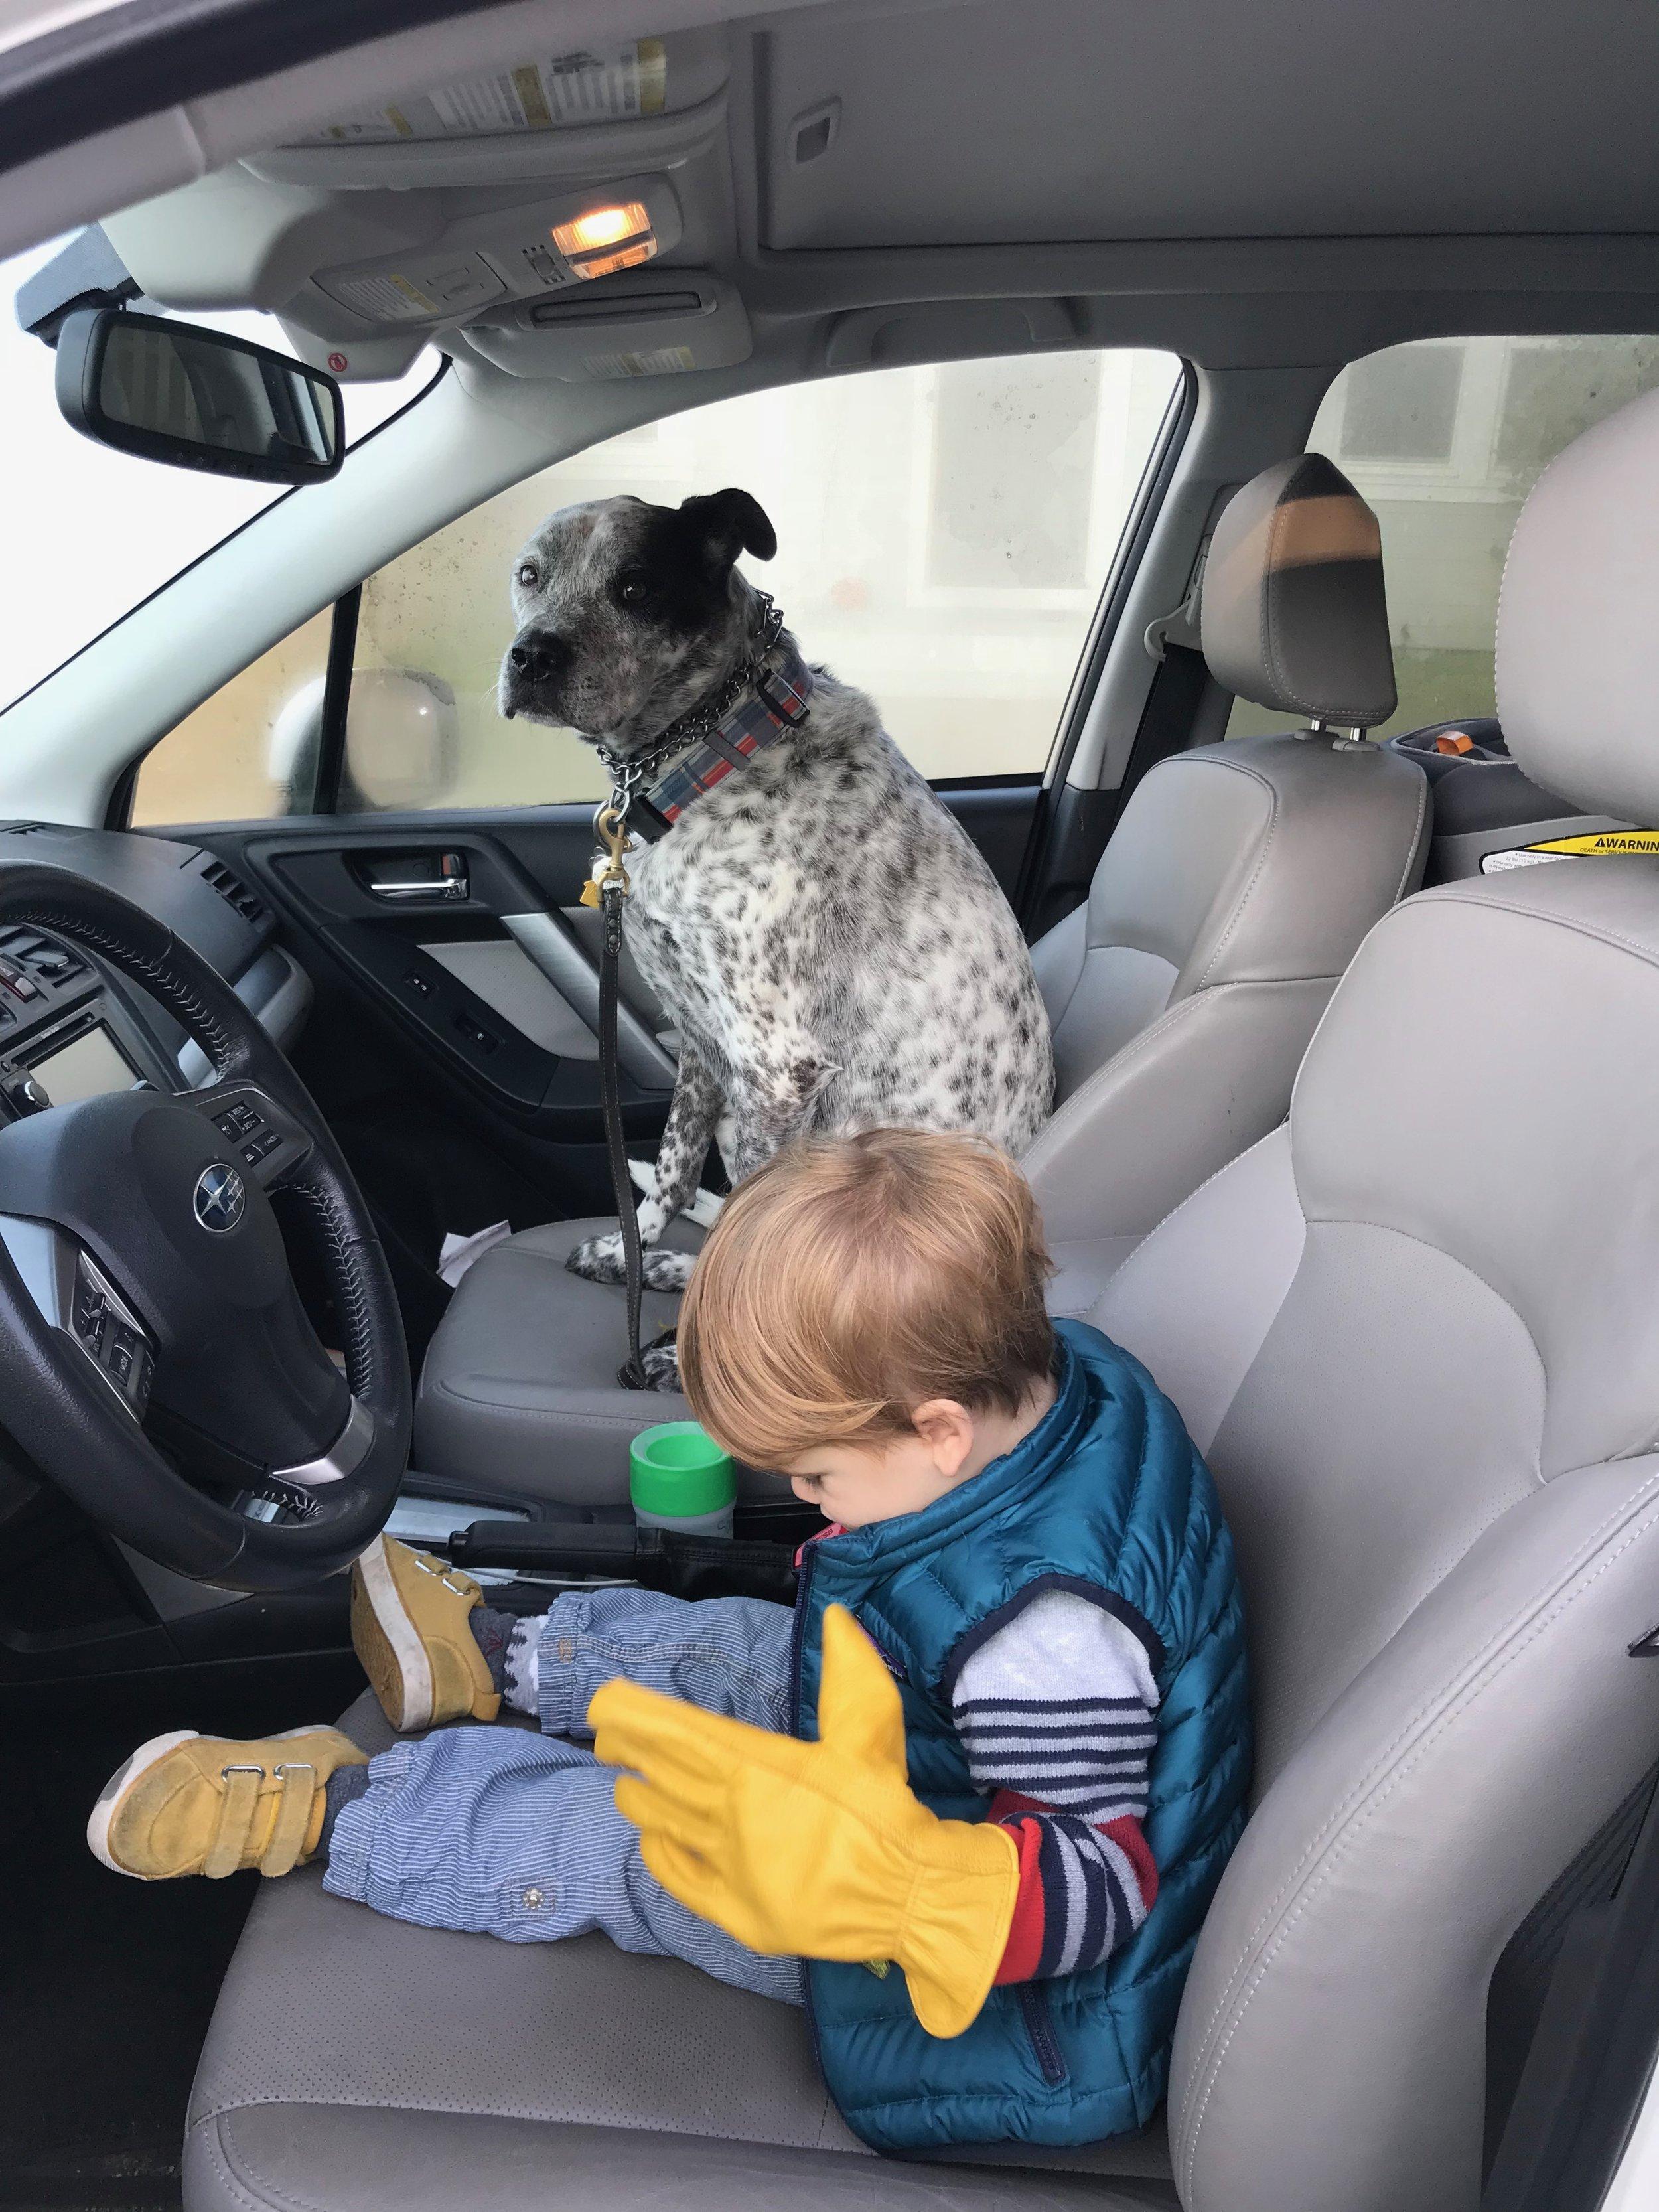 Please don't let him drive!!